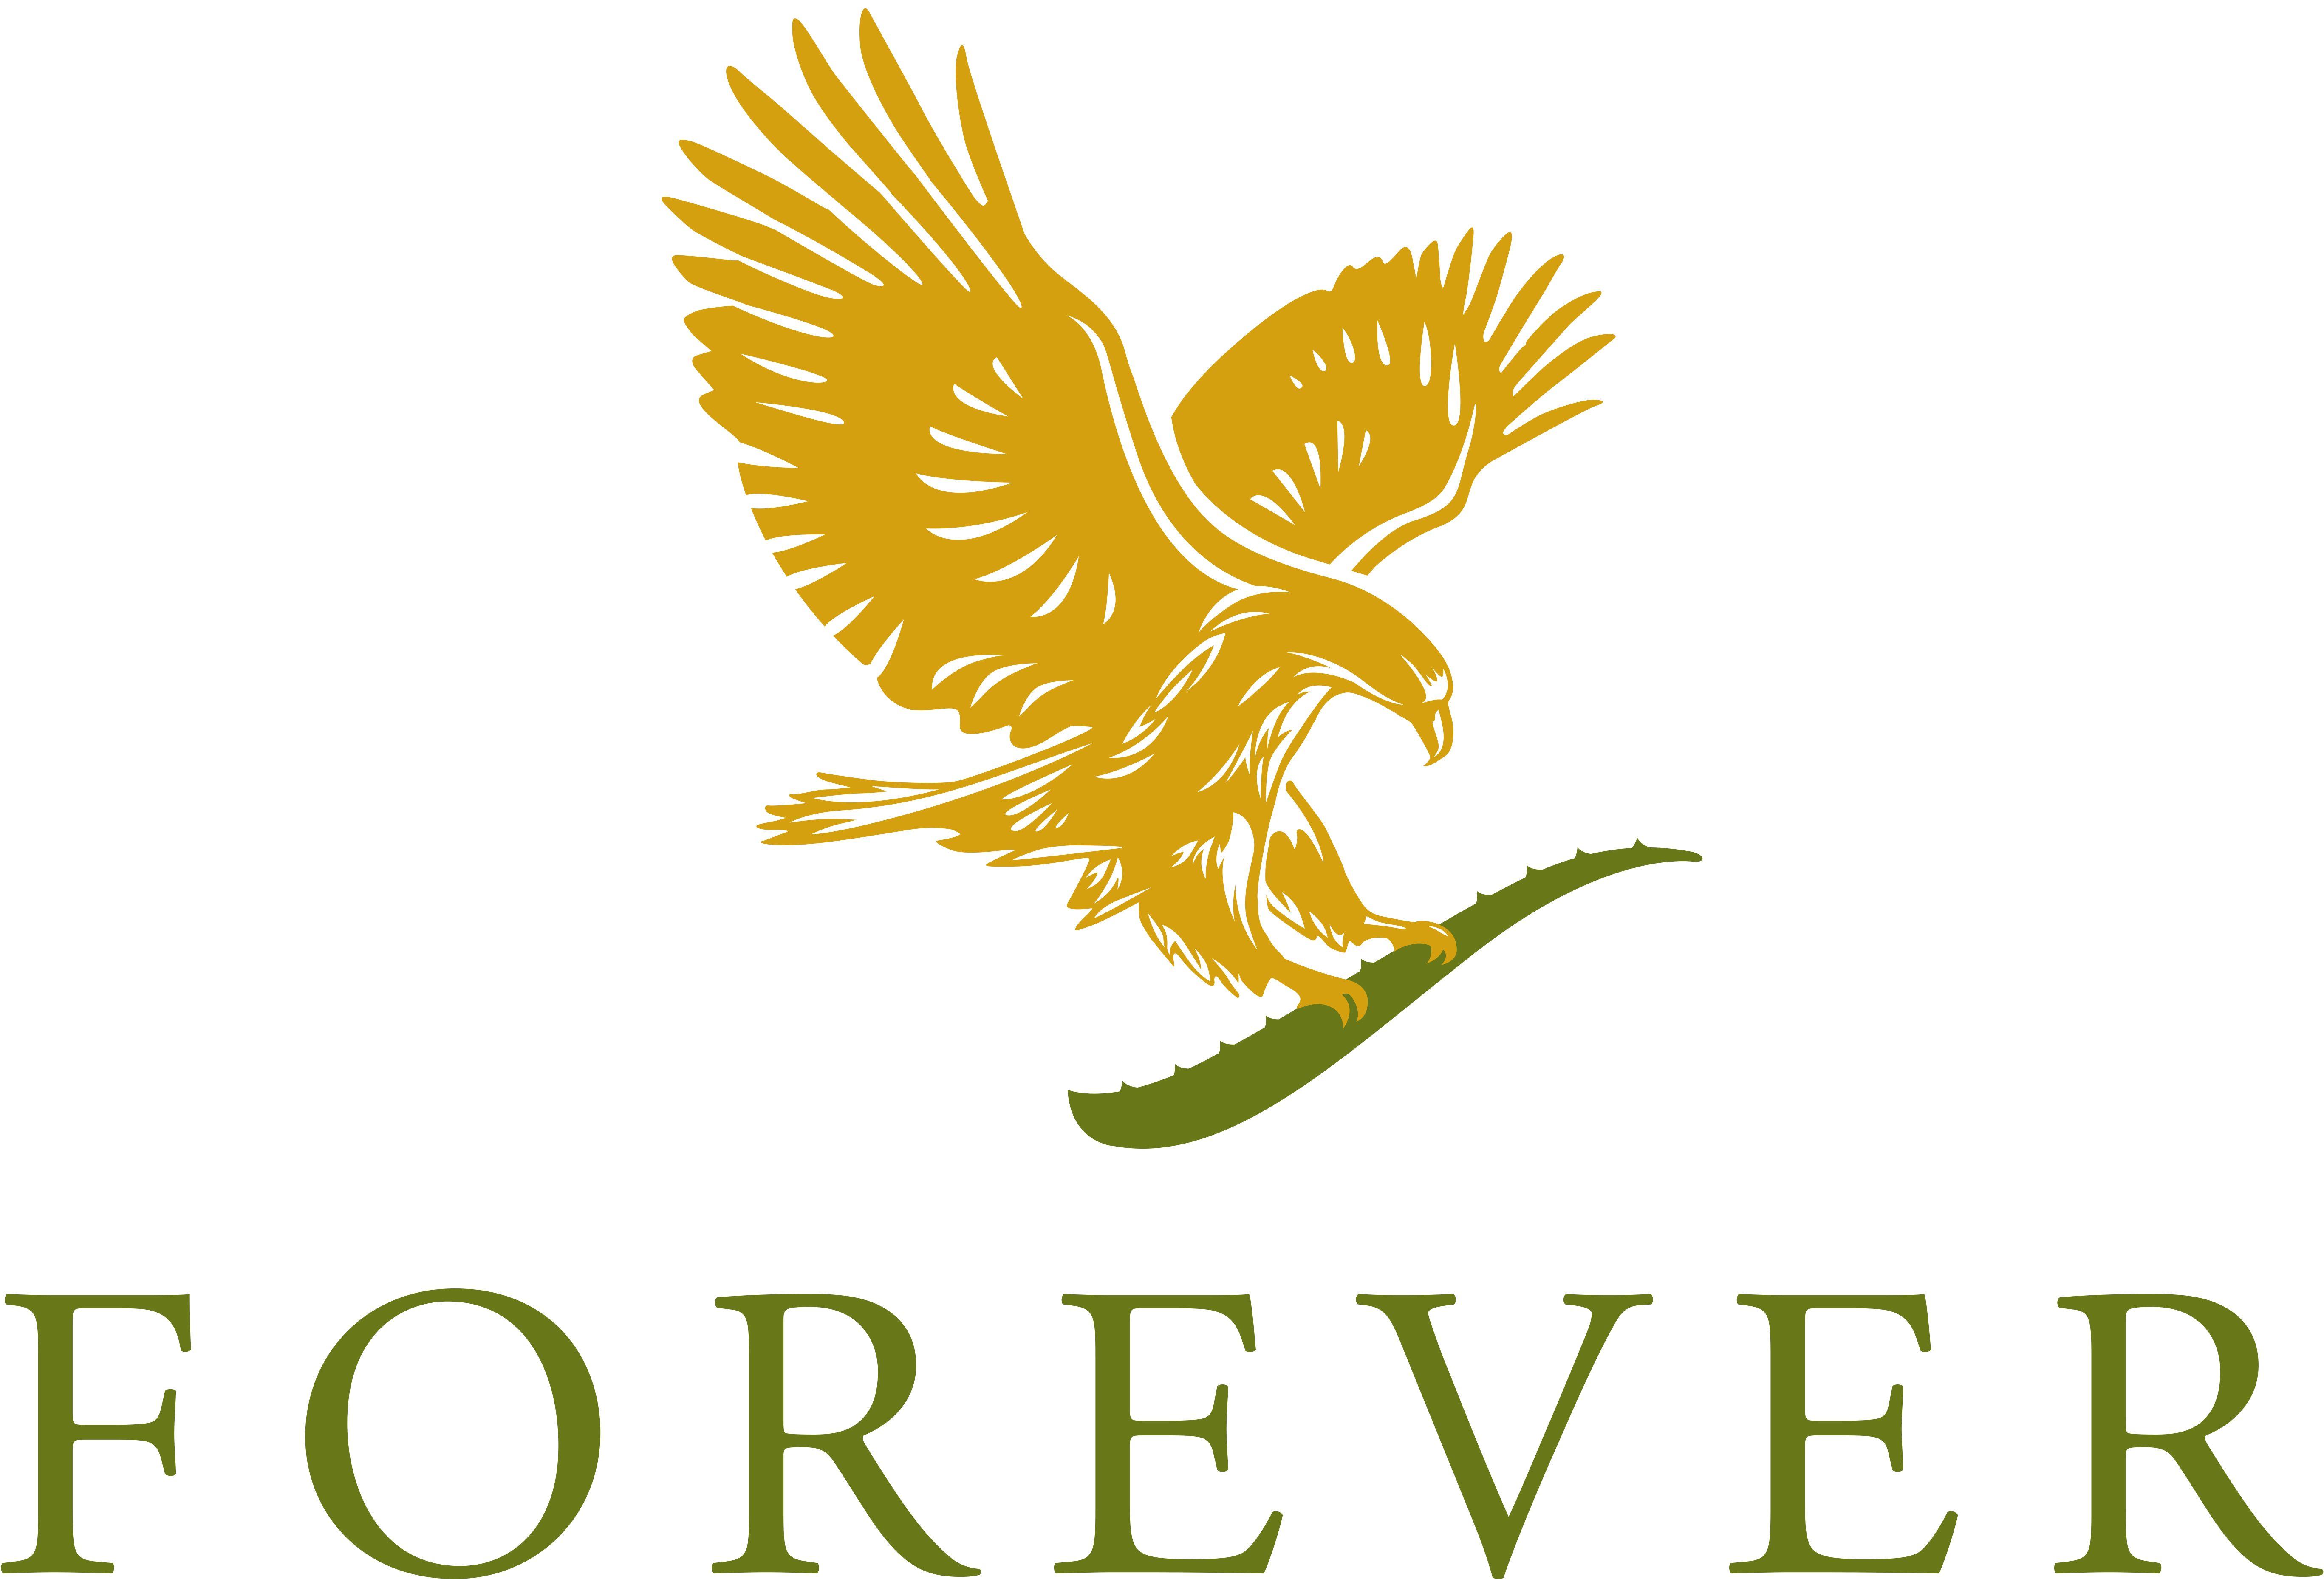 Logos / foreverknowledge.